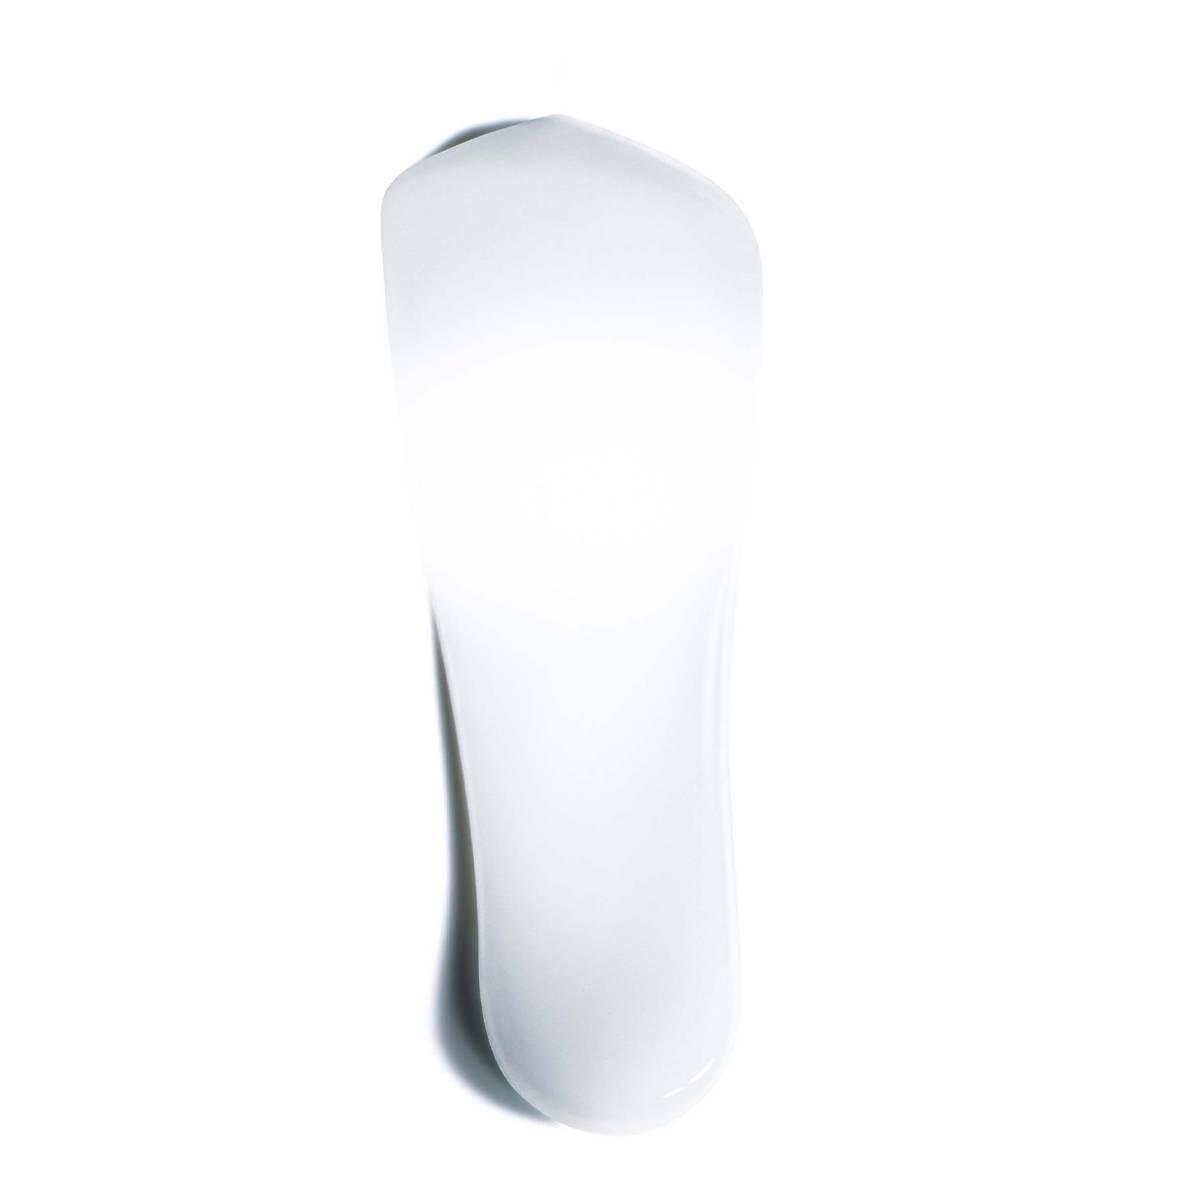 La Roche Posay Termékoldal Meggyengült bőr  Cicaplast Gél B5 Pro Megújító Textúra